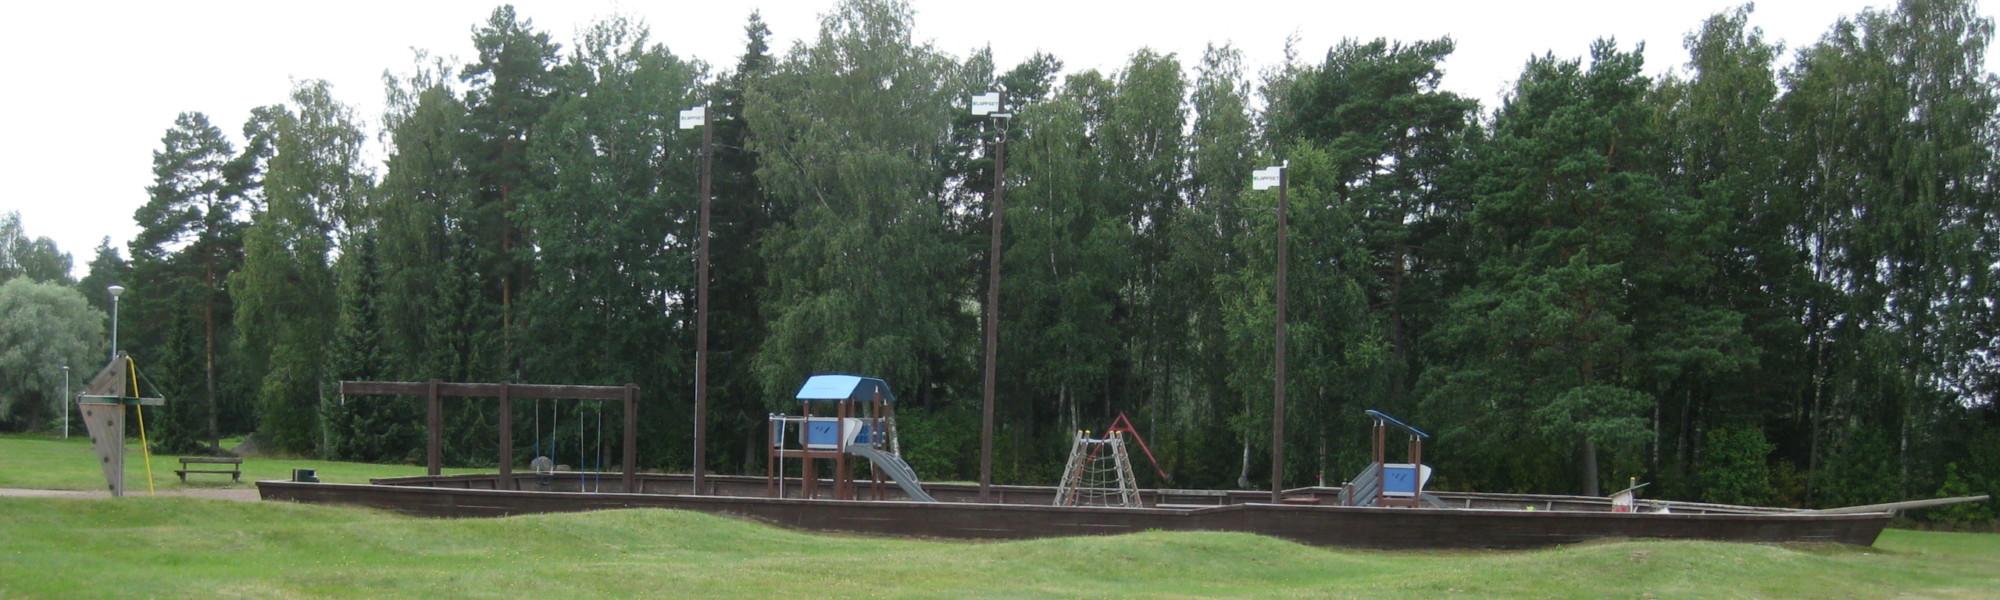 Kuvassa on Haraholmanpuiston leikkipaikka